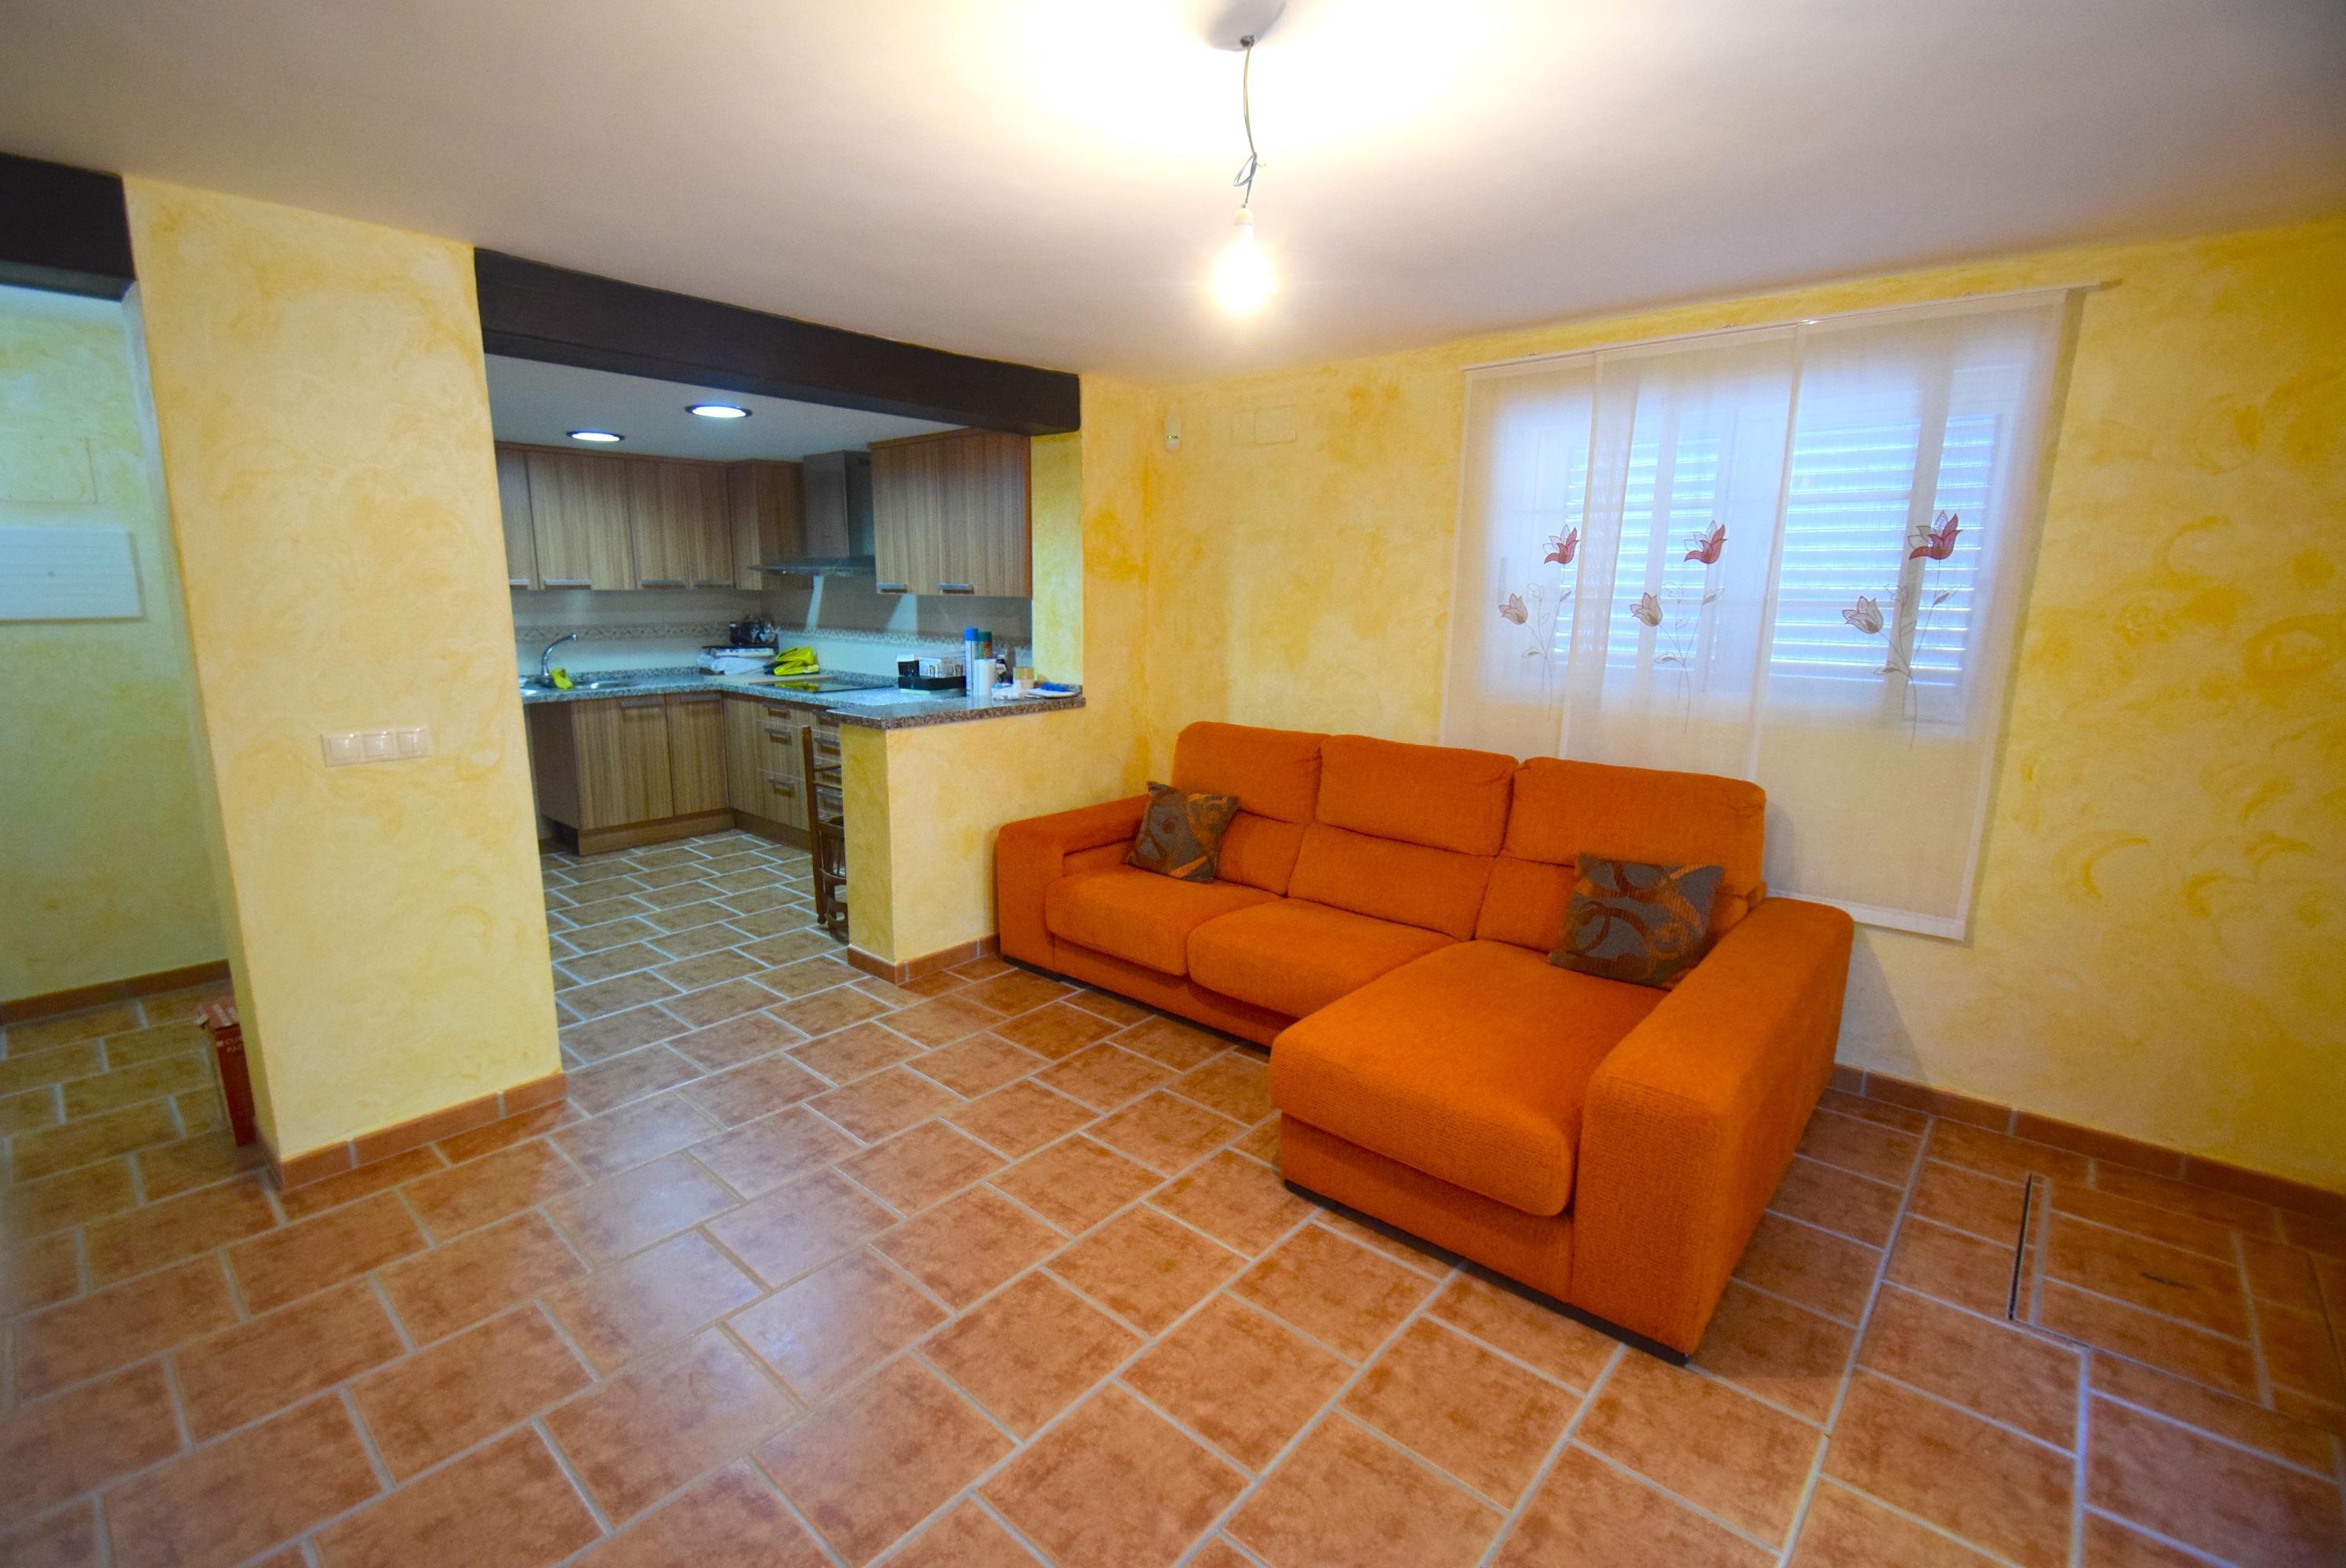 Chalet   Villa en venta en Albir, con apartamentos de invitados